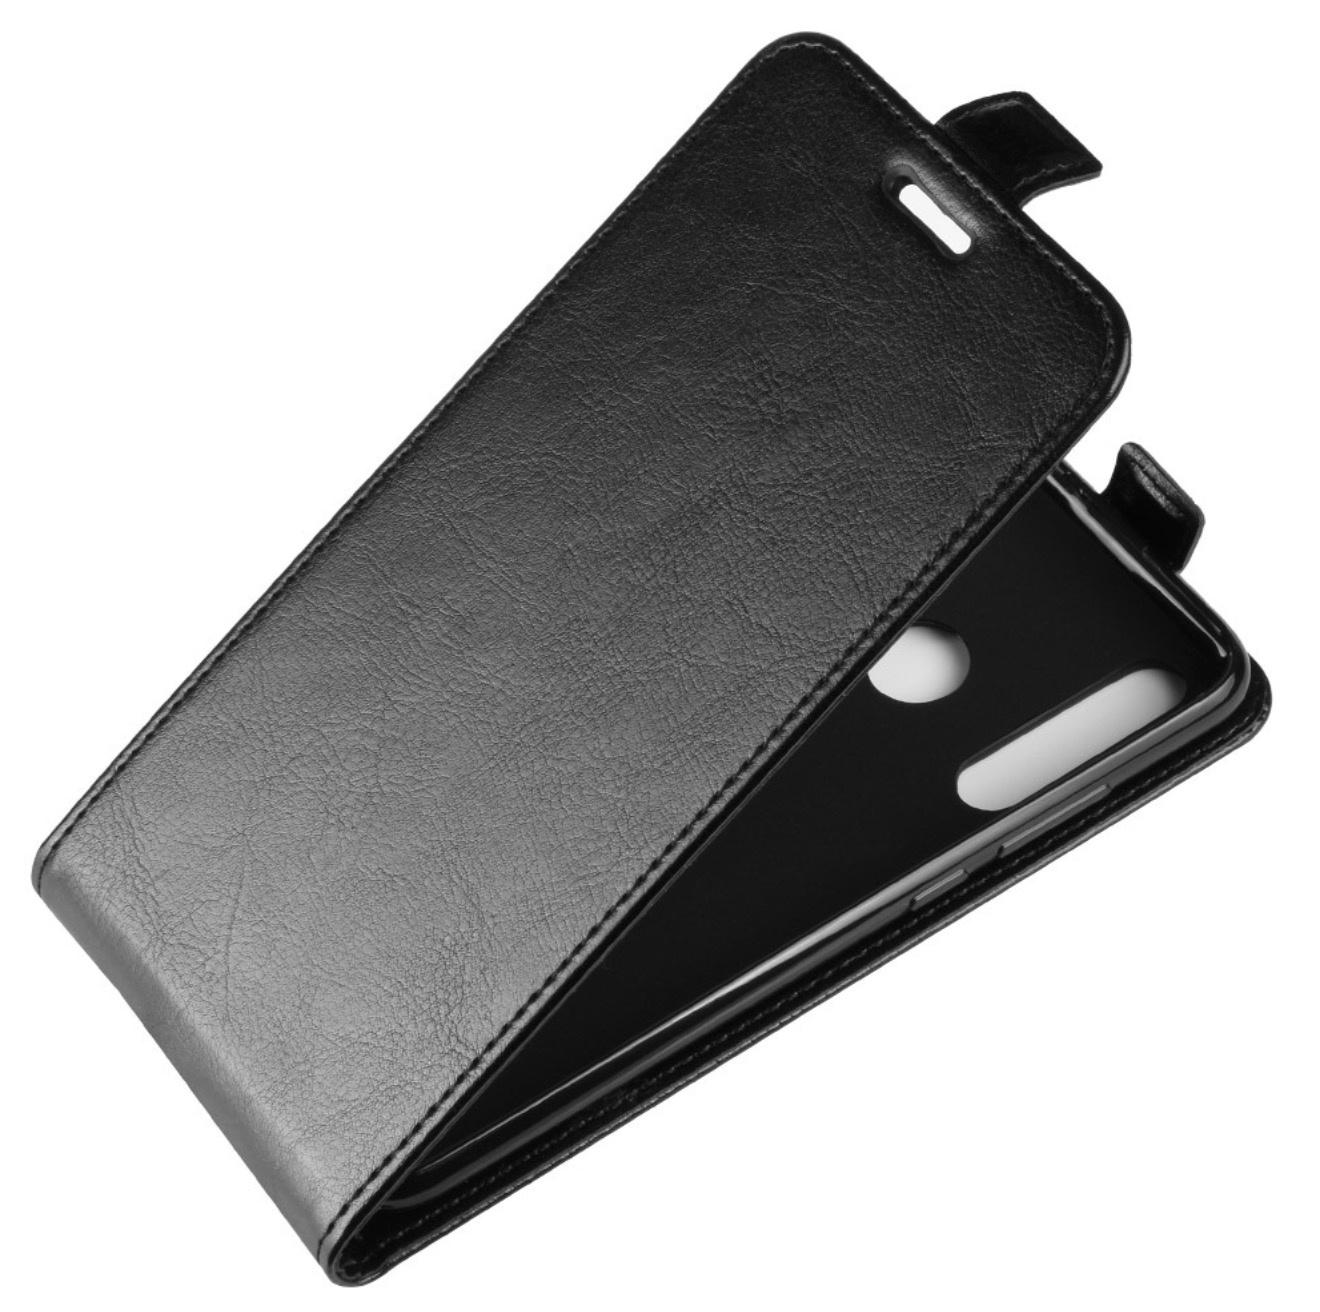 Чехол-флип MyPads для TE Blade Q Lux 3G/ Q Lux 4G (A430) вертикальный откидной черный